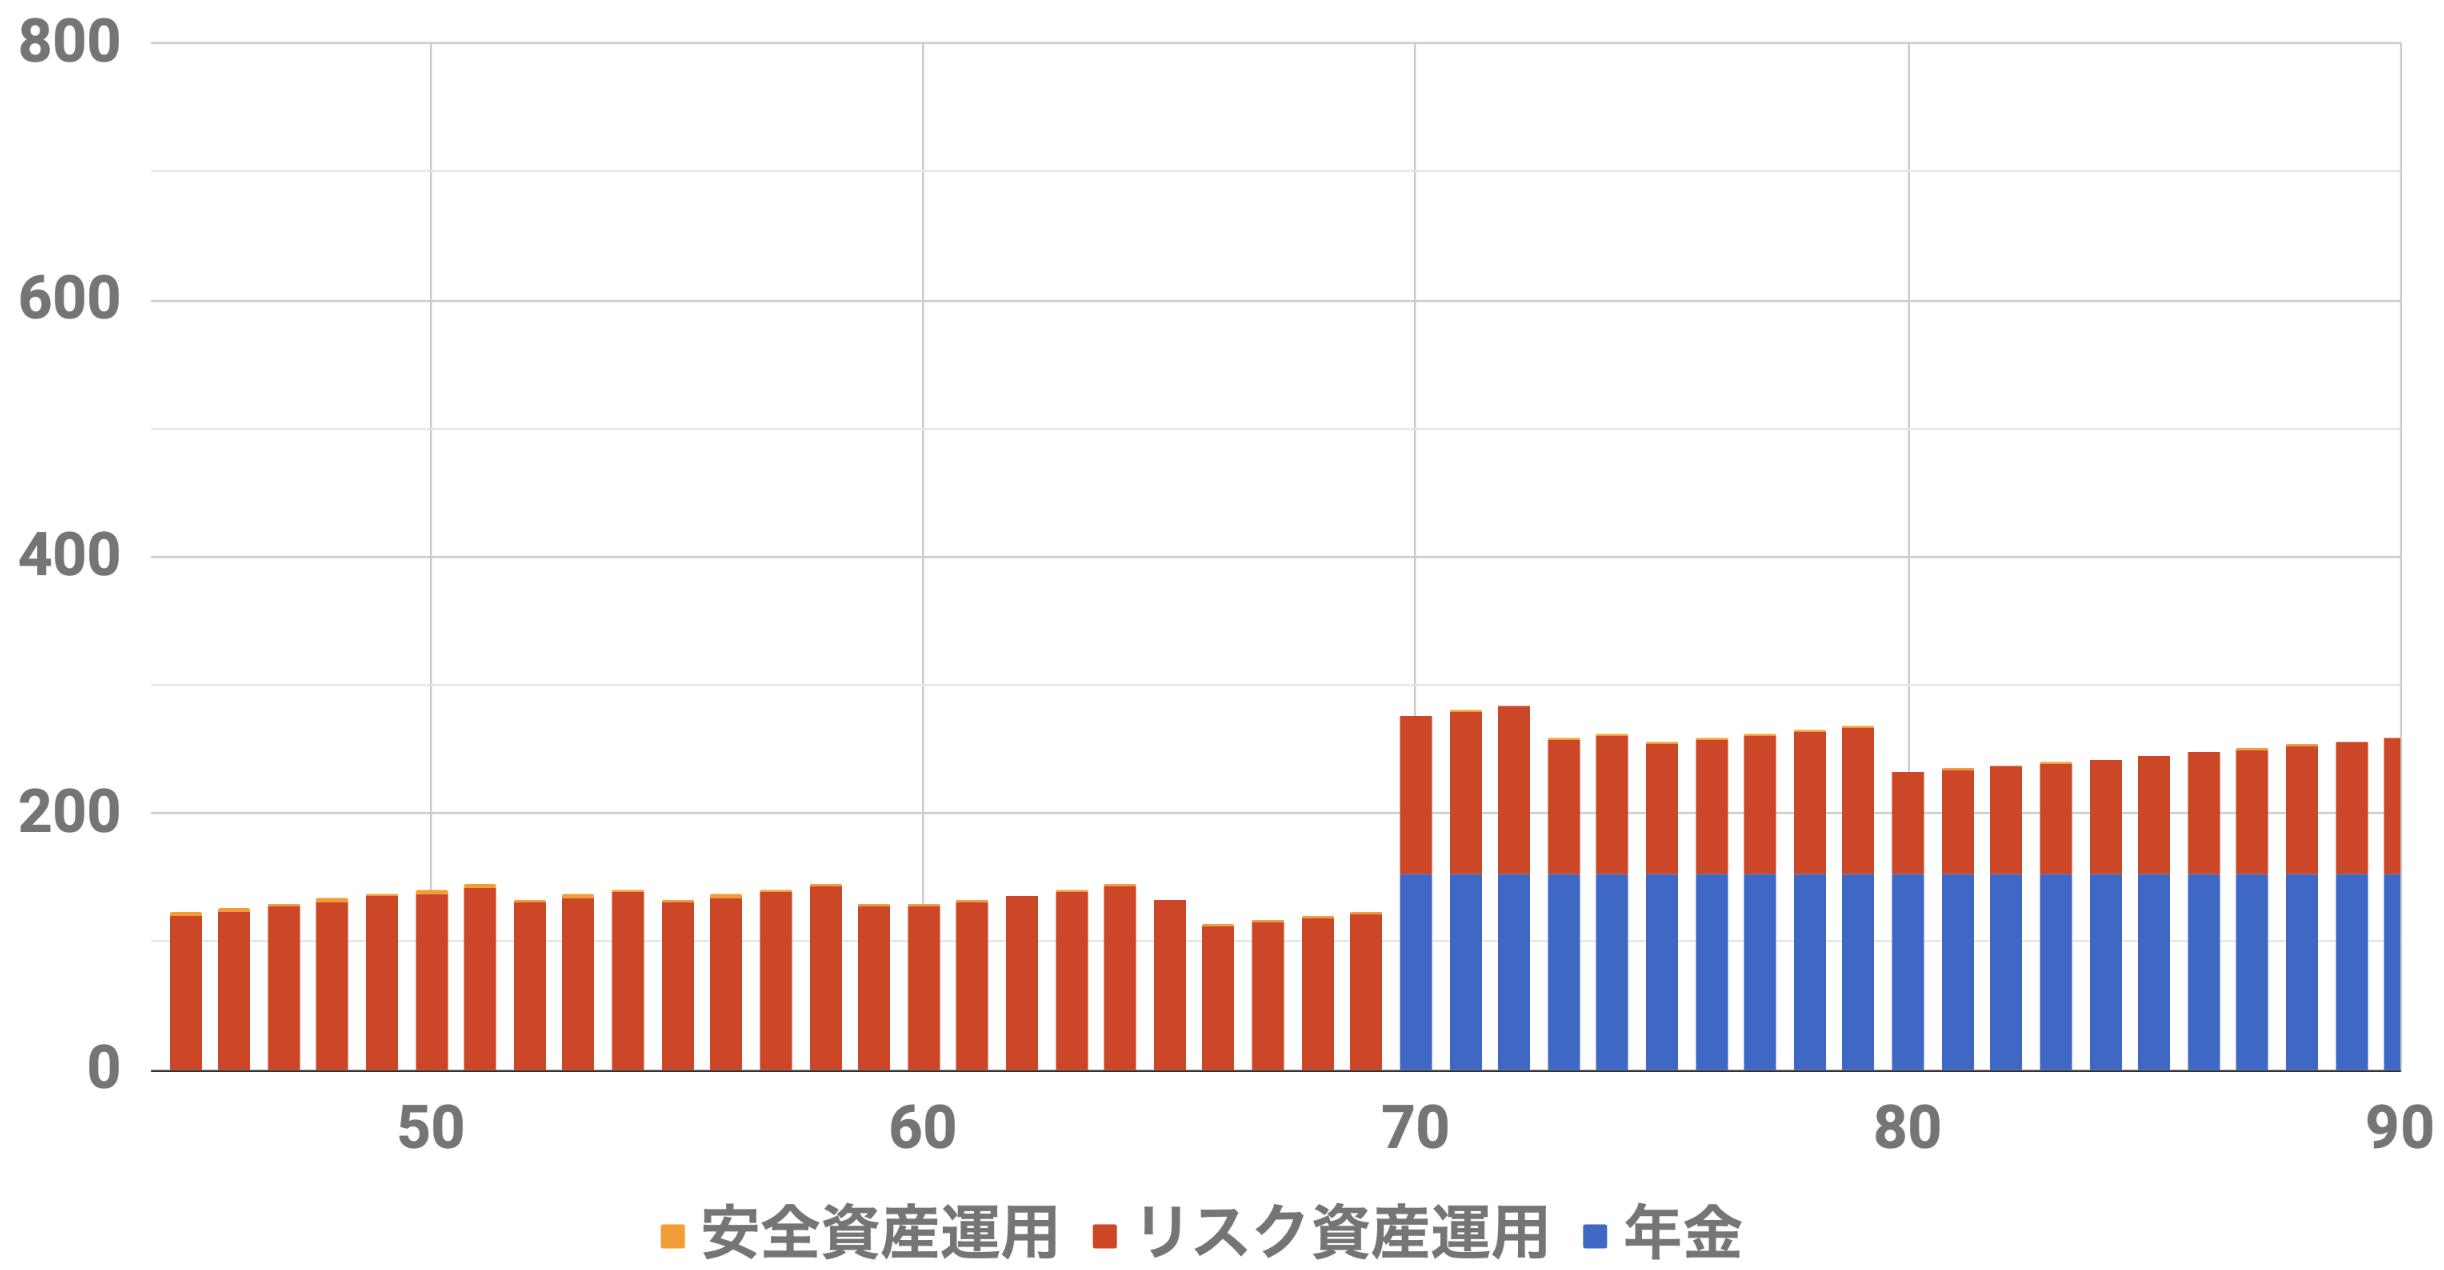 45歳1億円収入シミュレーション(Level5)インフレ率0%利率3%連続増配率3%リスク資金3000万